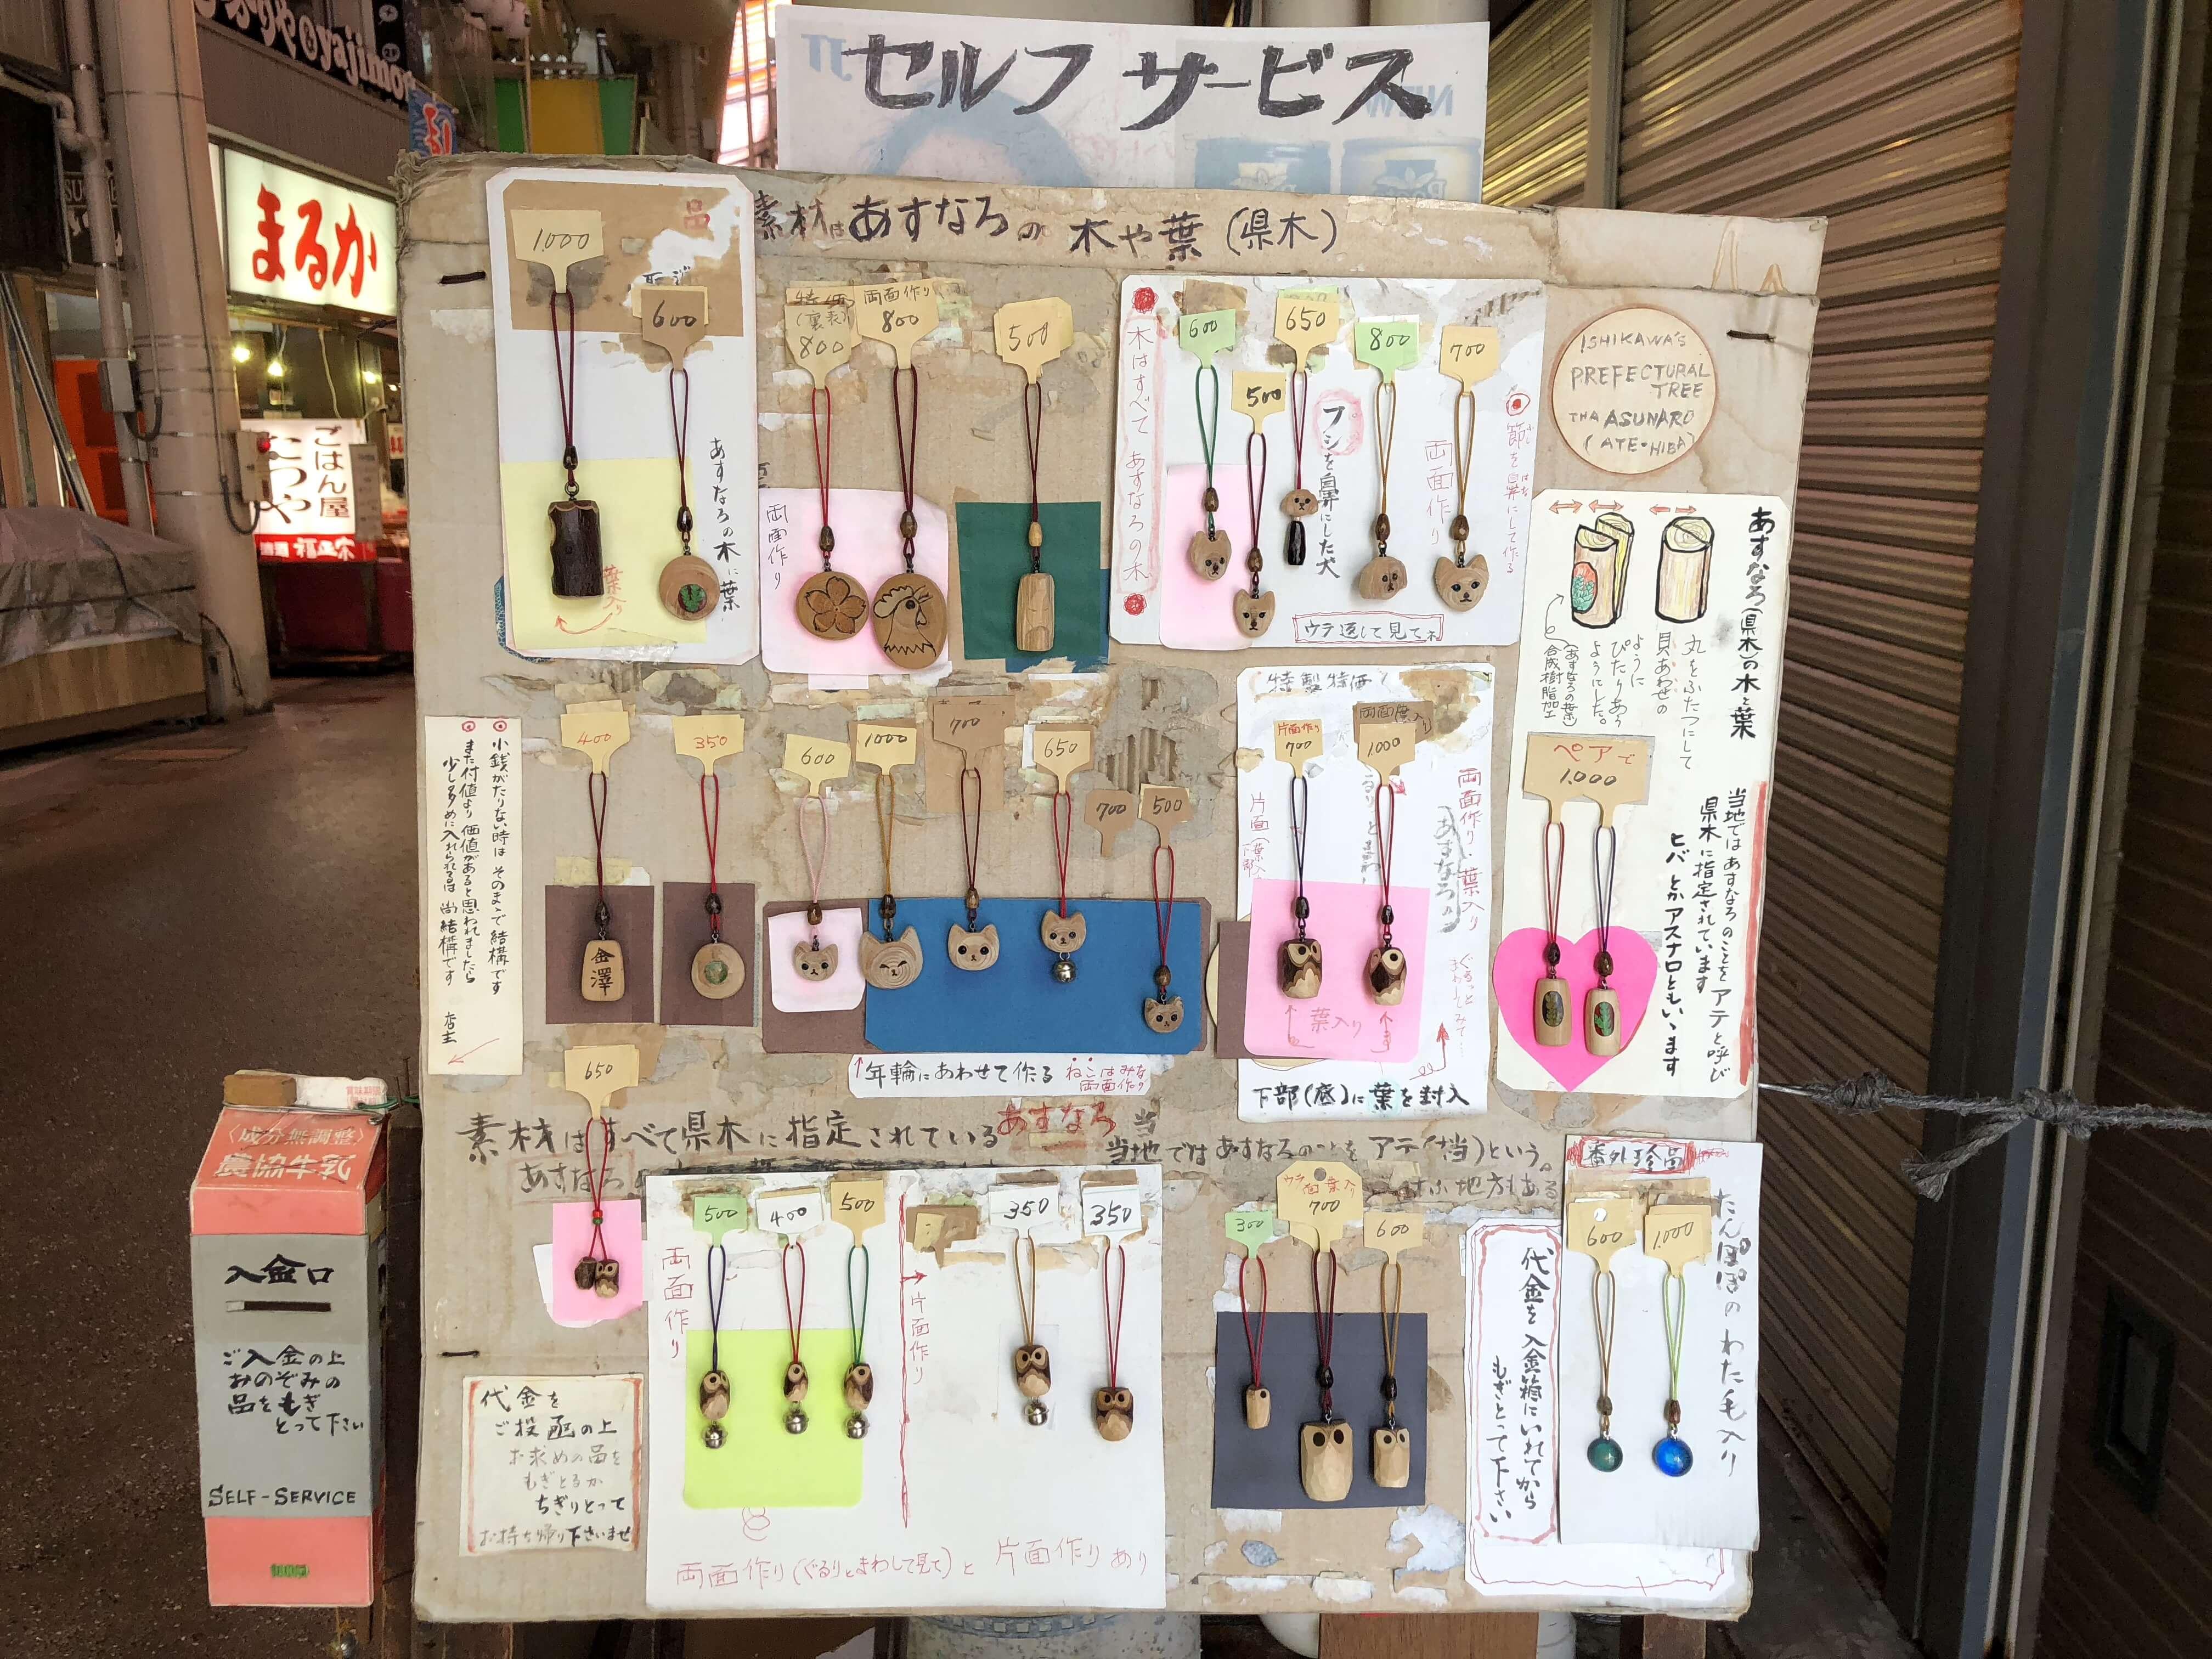 近江町市場にある謎の店(?!) 究極の販売形態をそこに見た!